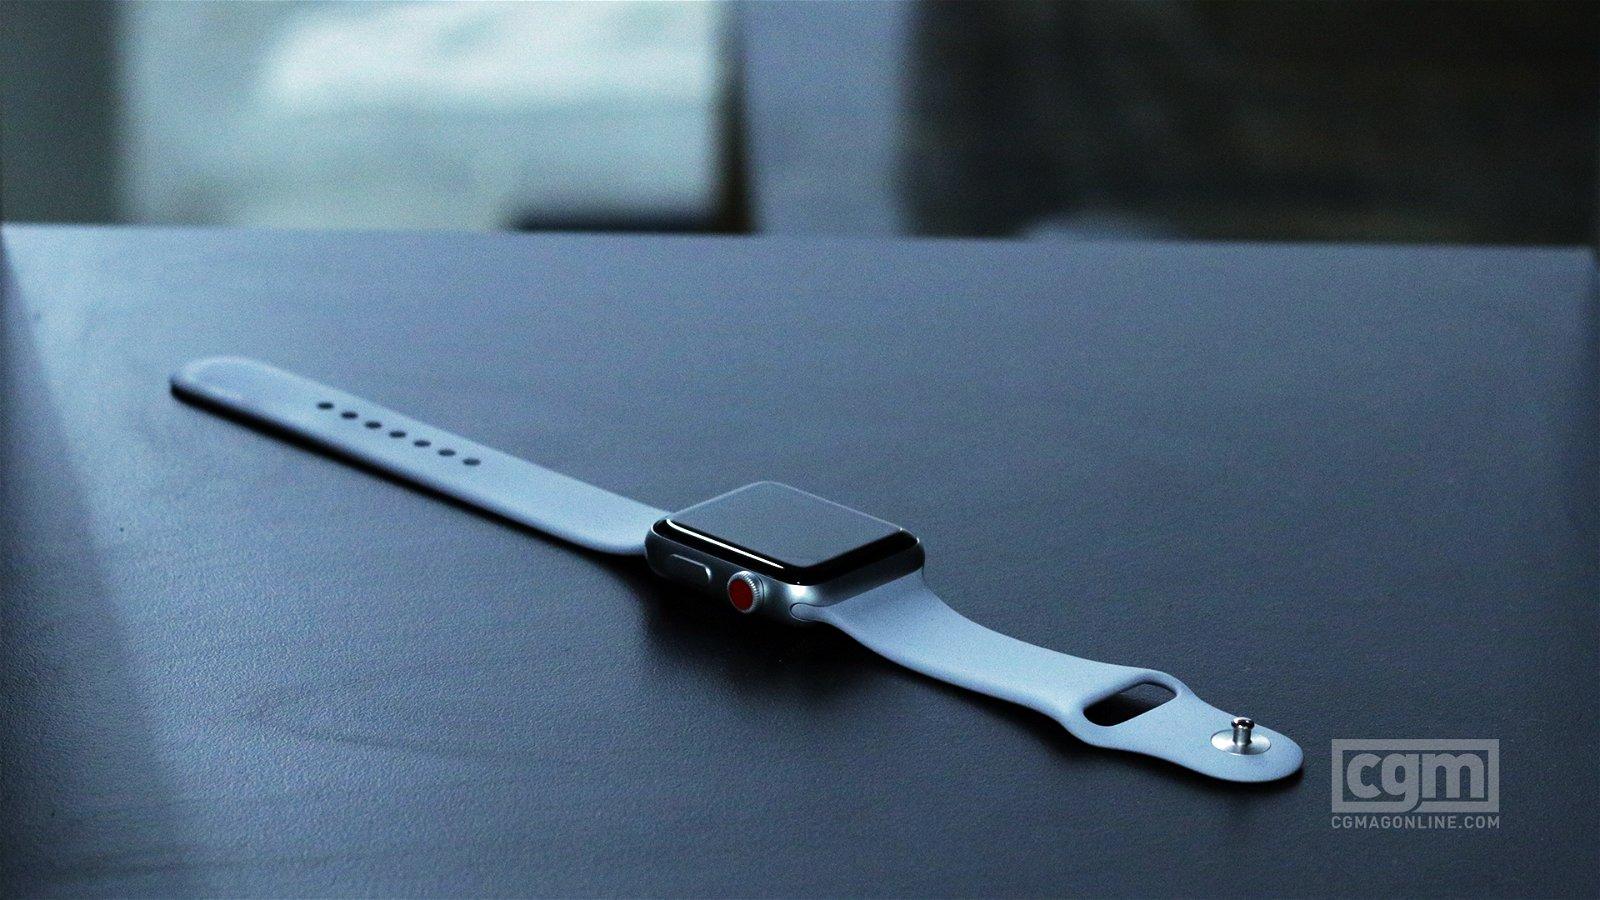 Apple Watch Series 3 Review: The Best Got Better 1